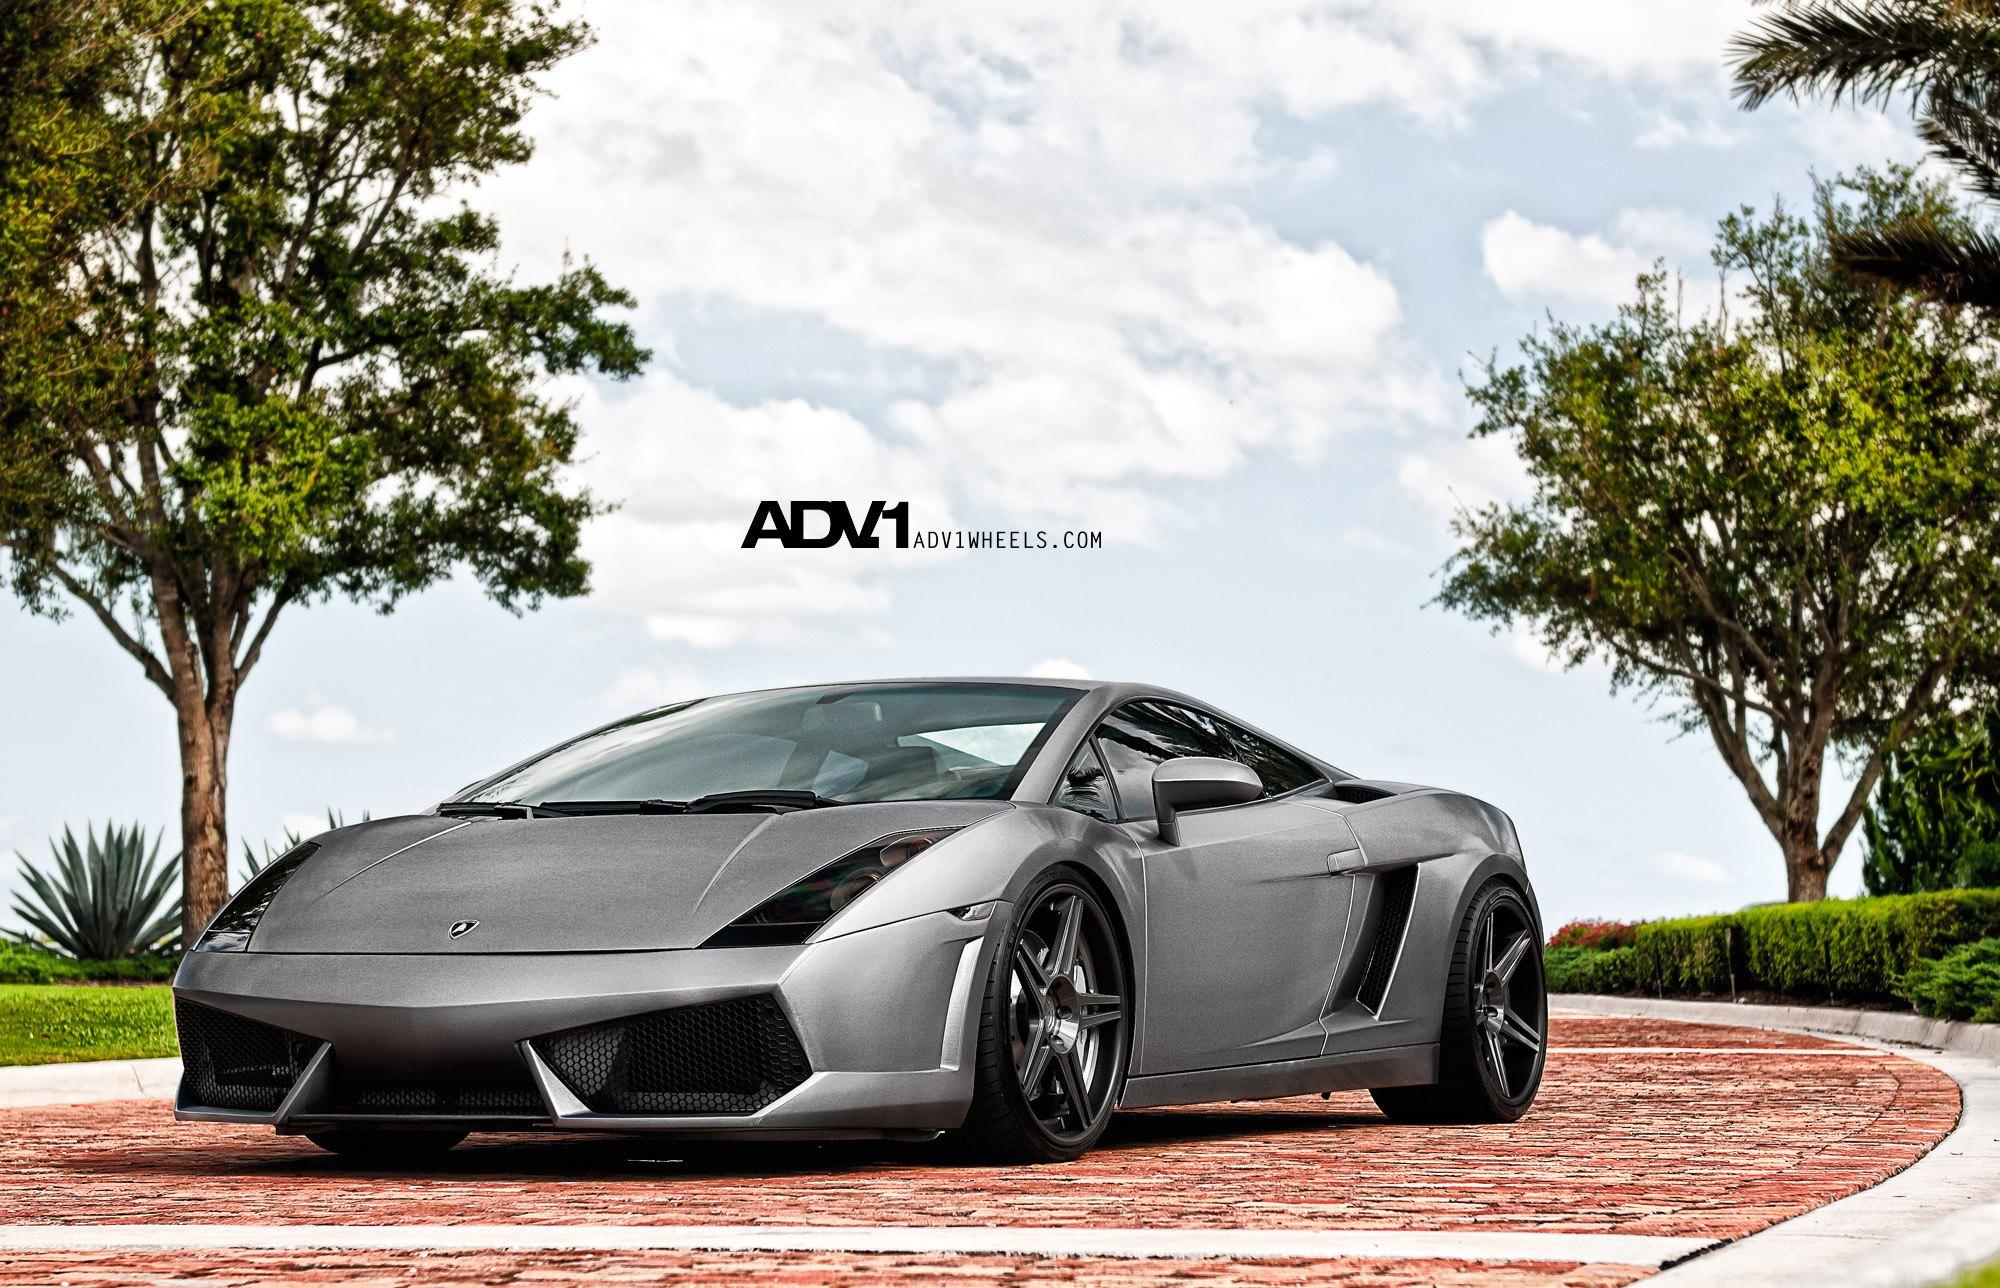 Mighty Lamborghini Gallardo Rolling On Forged Custom Rims By Adv1